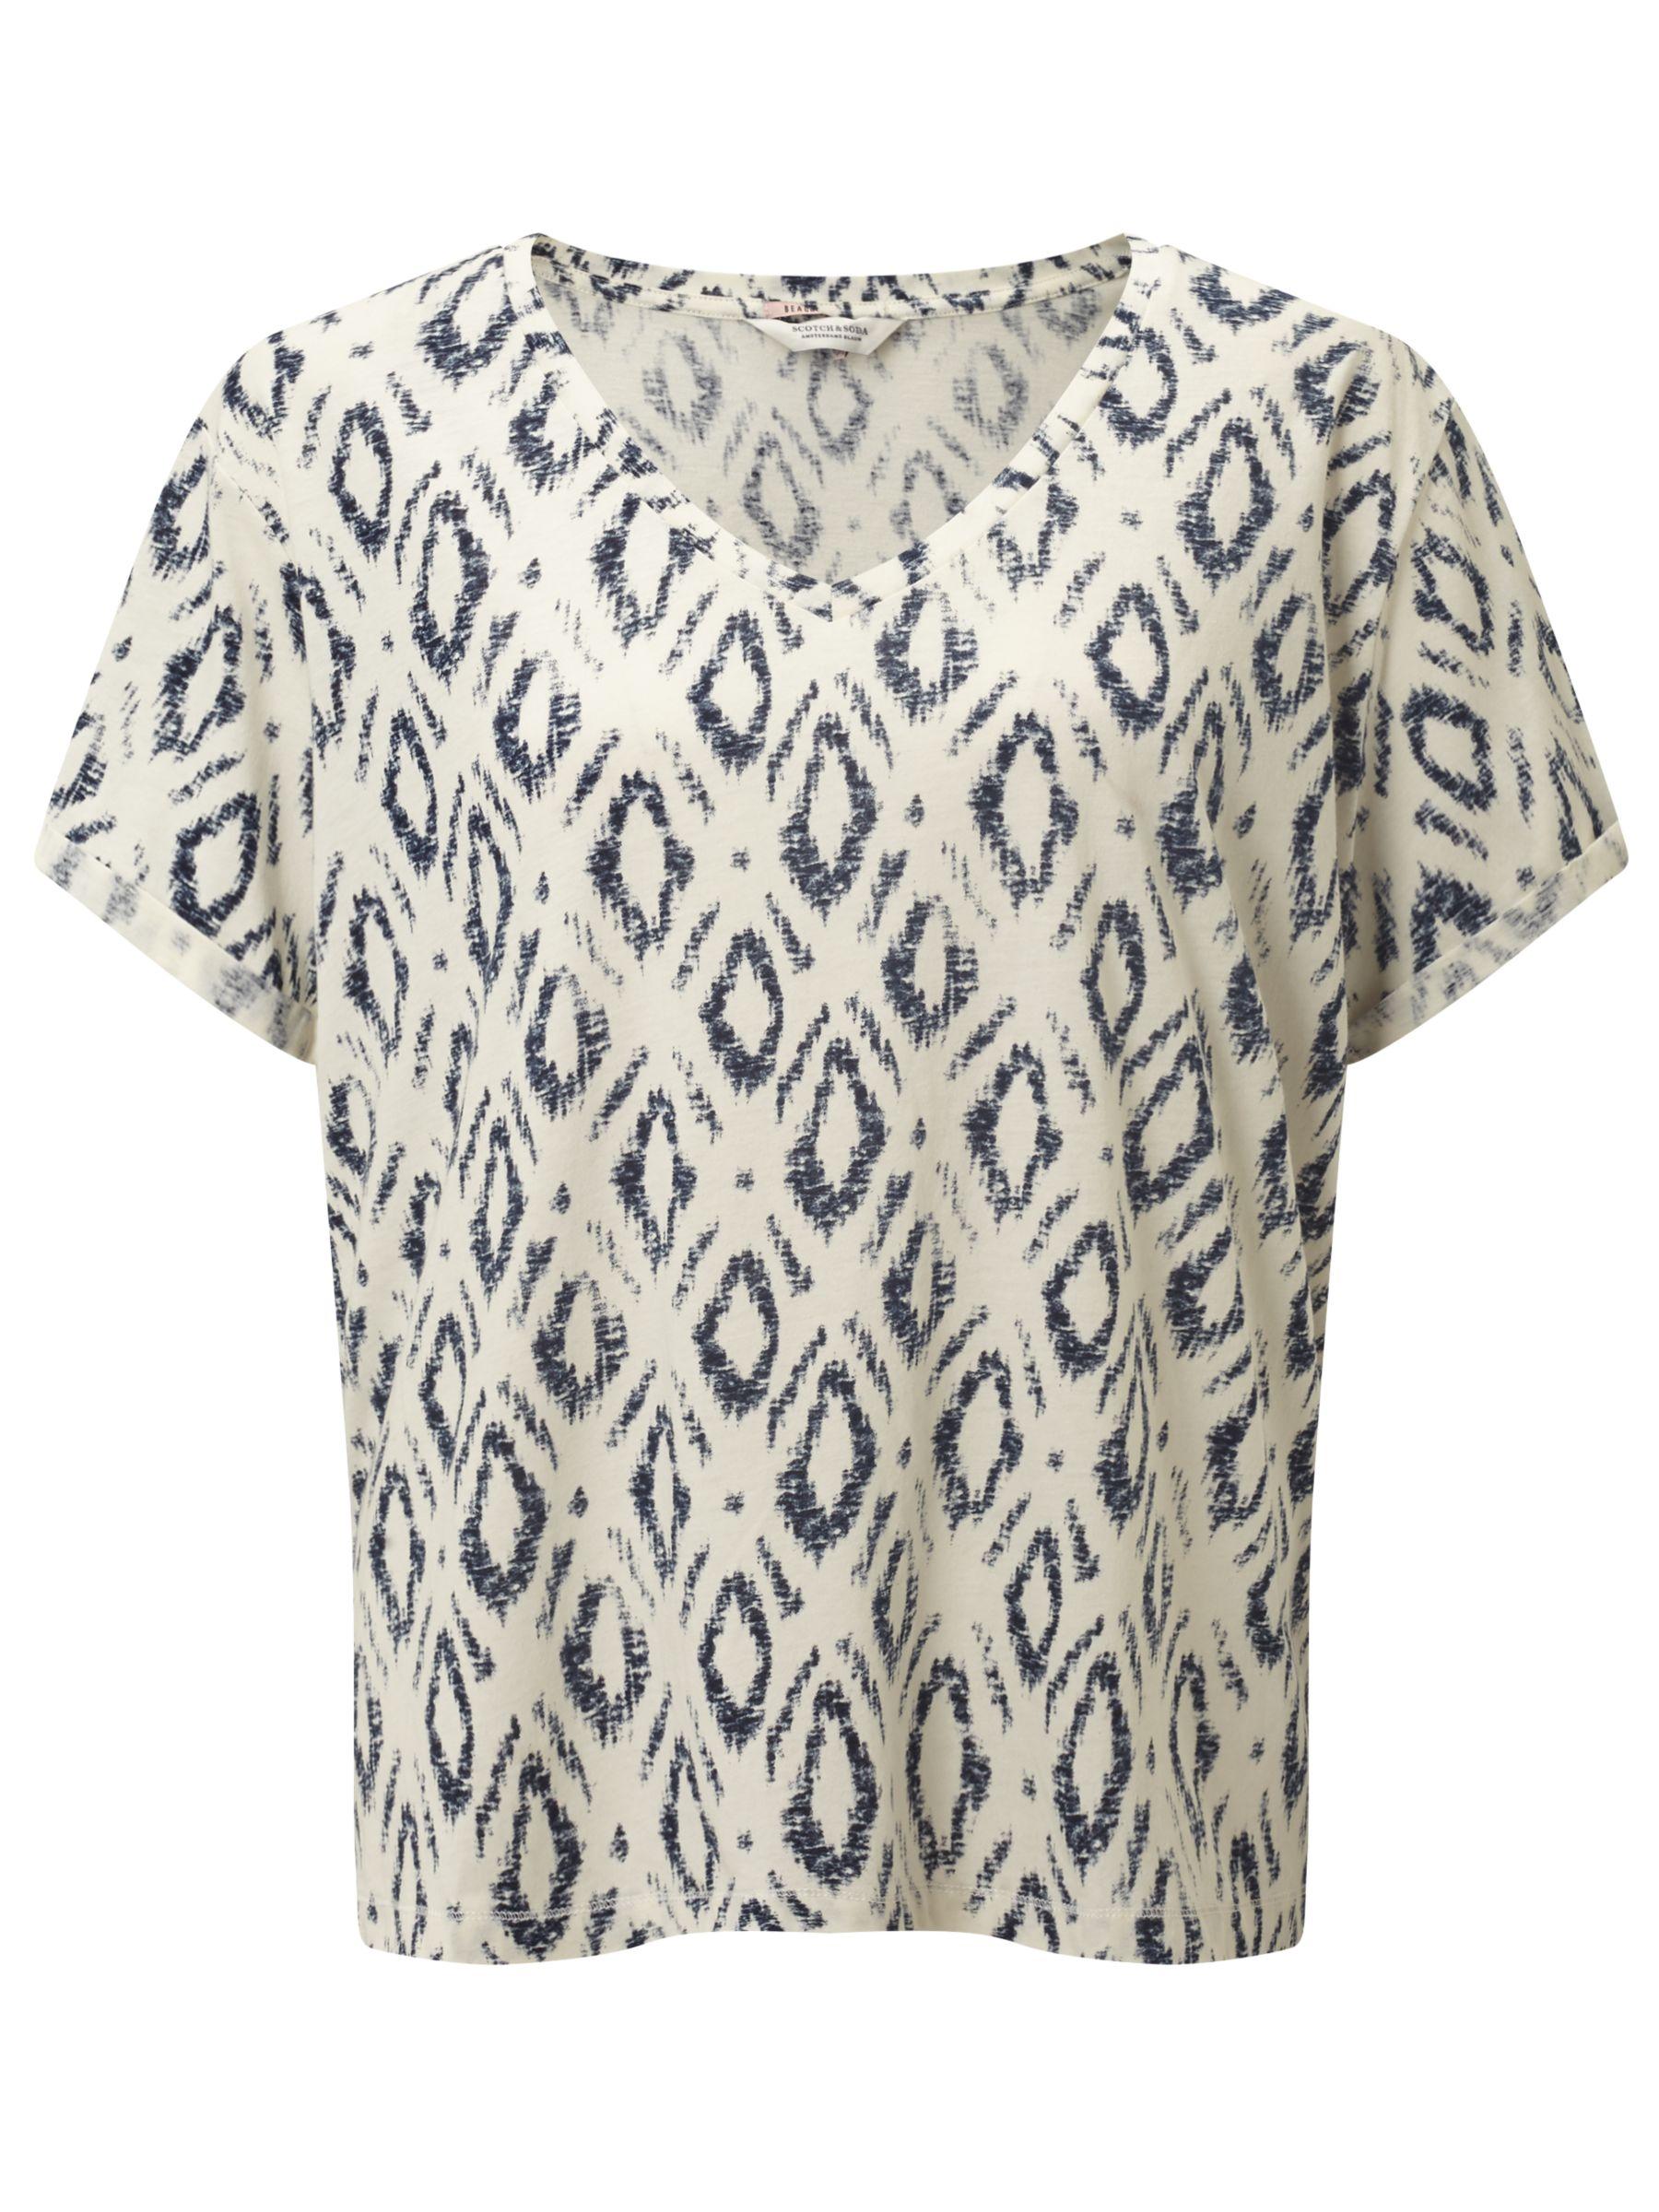 Maison Scotch Maison Scotch All-Over Printed T-Shirt